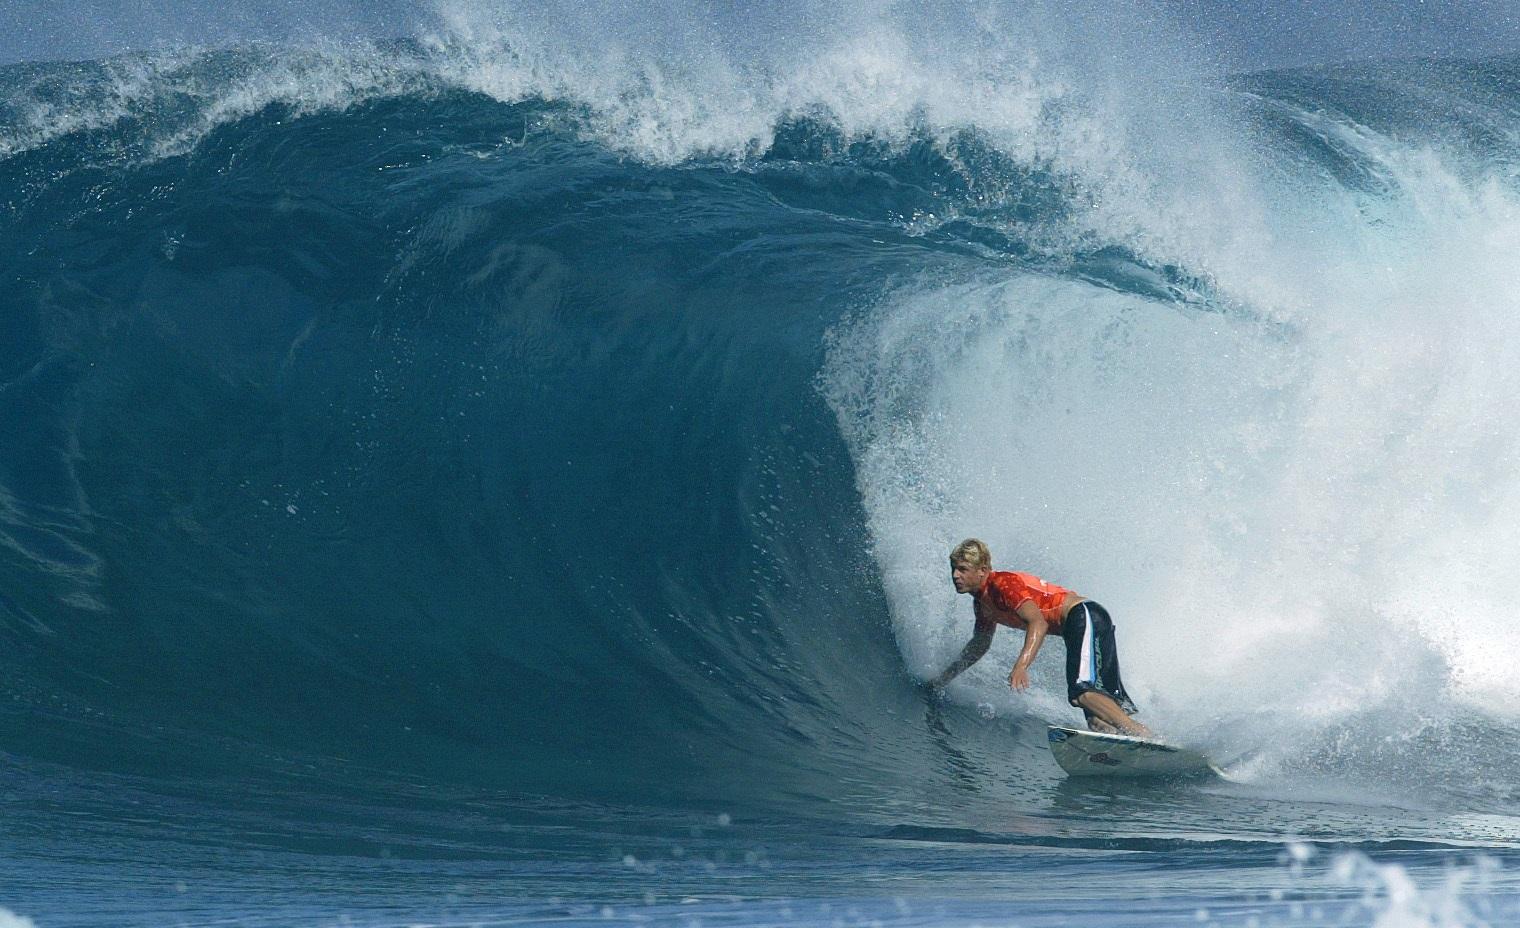 e937ee2f7e The Deadliest Wave - SBNation.com